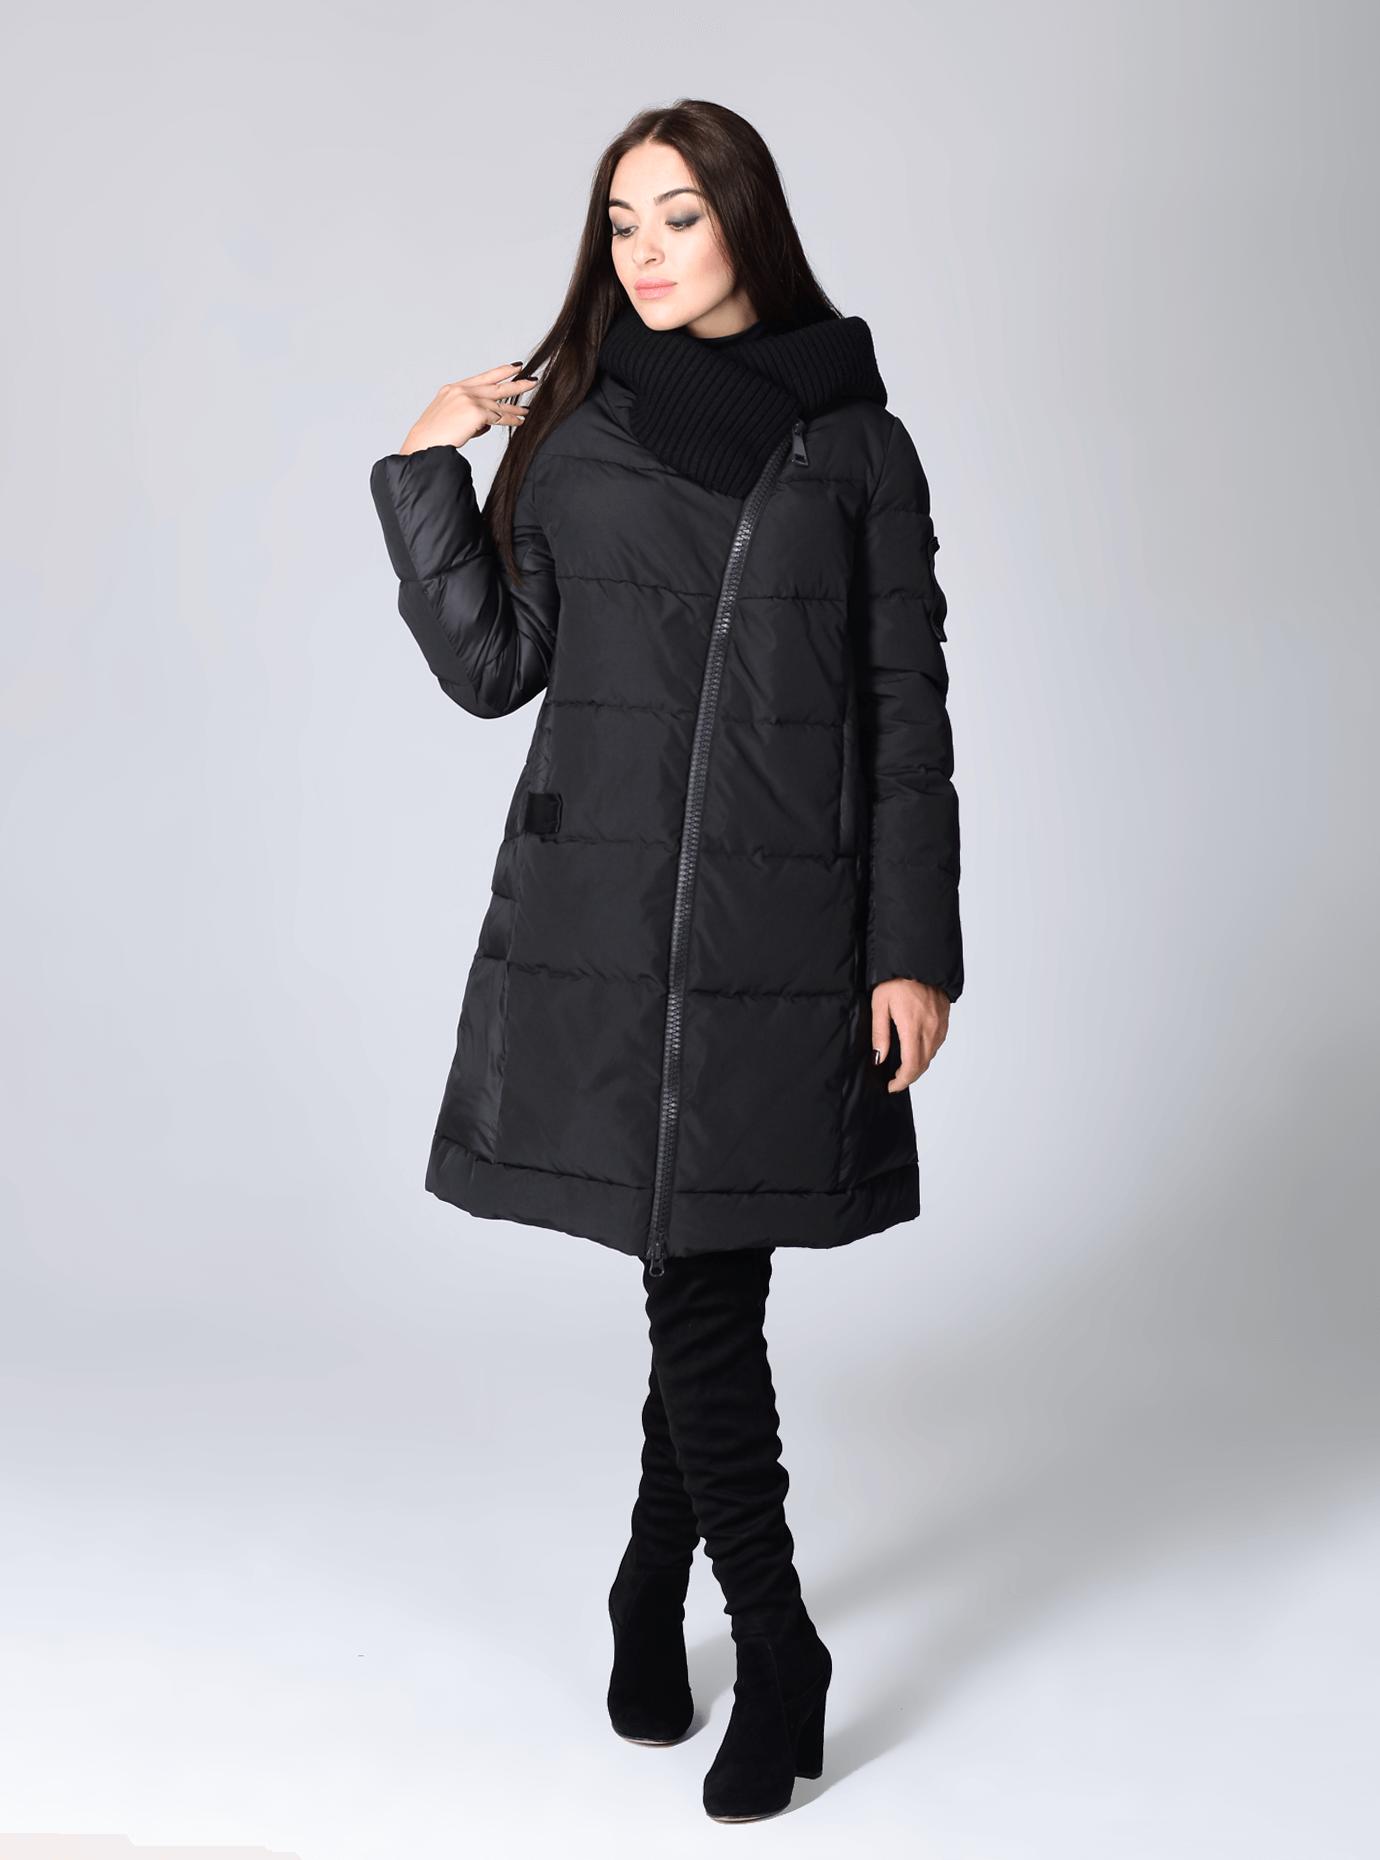 Куртка зимняя женская с довязом Чёрный S (02-CR170280): фото - Alster.ua